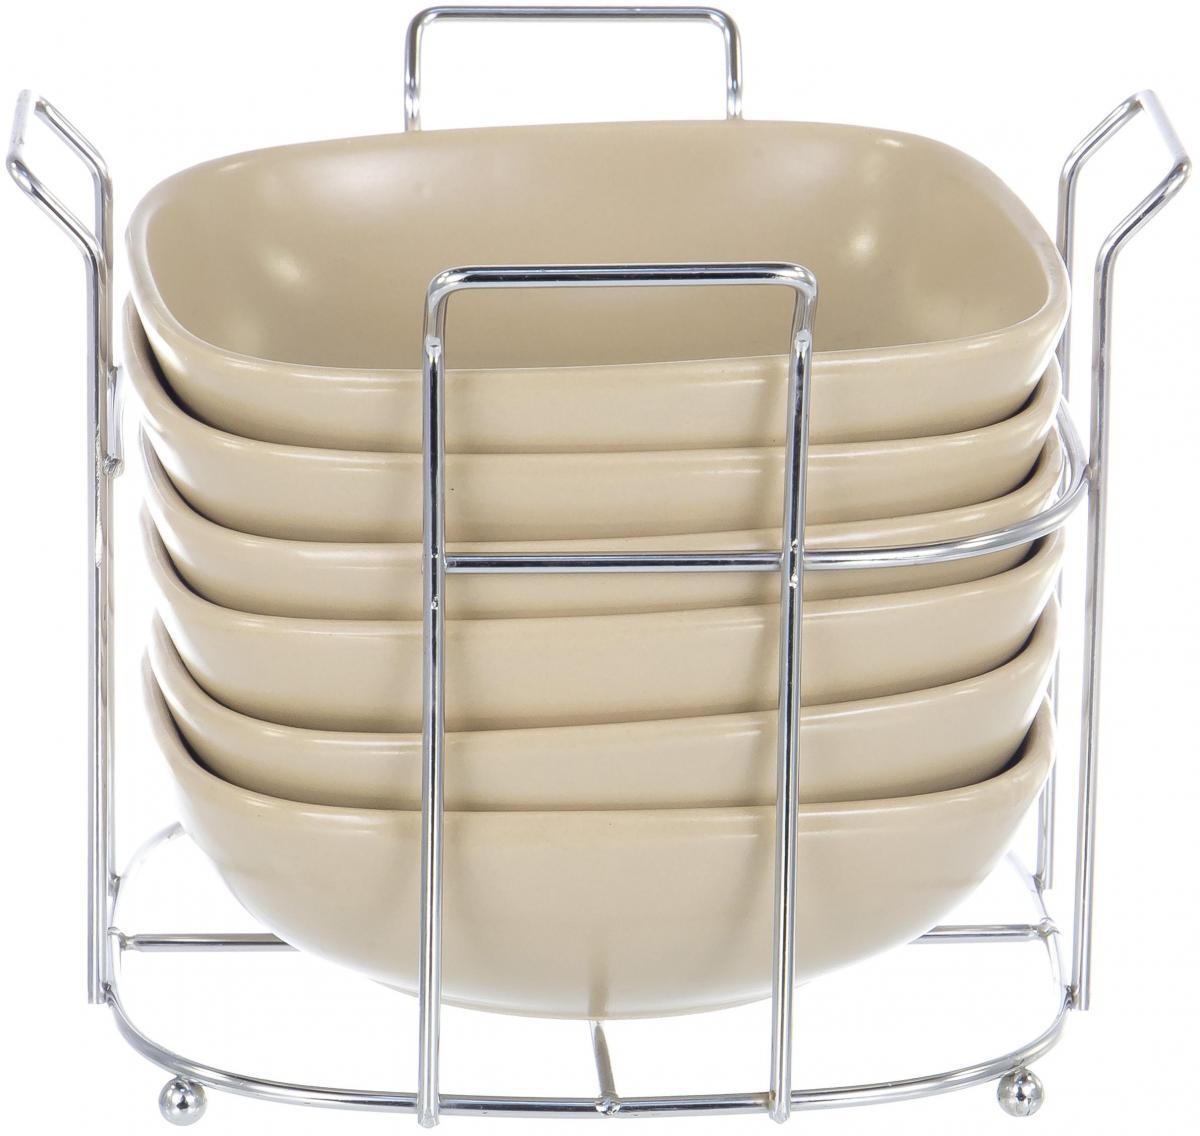 """Набор Elrington """"Моно"""" состоит из подставки и шести круглых салатников,  выполненных из высококачественной экологически чистой керамики. Этот  материал безопасен для здоровья, не содержит примесей кадмия и свинца.   ВВ комплекте - металлическая подставка с хромированным покрытием. Набор прекрасно подойдет для сервировки различных блюд. Яркий дизайн  украсит стол и порадует вас и ваших гостей."""